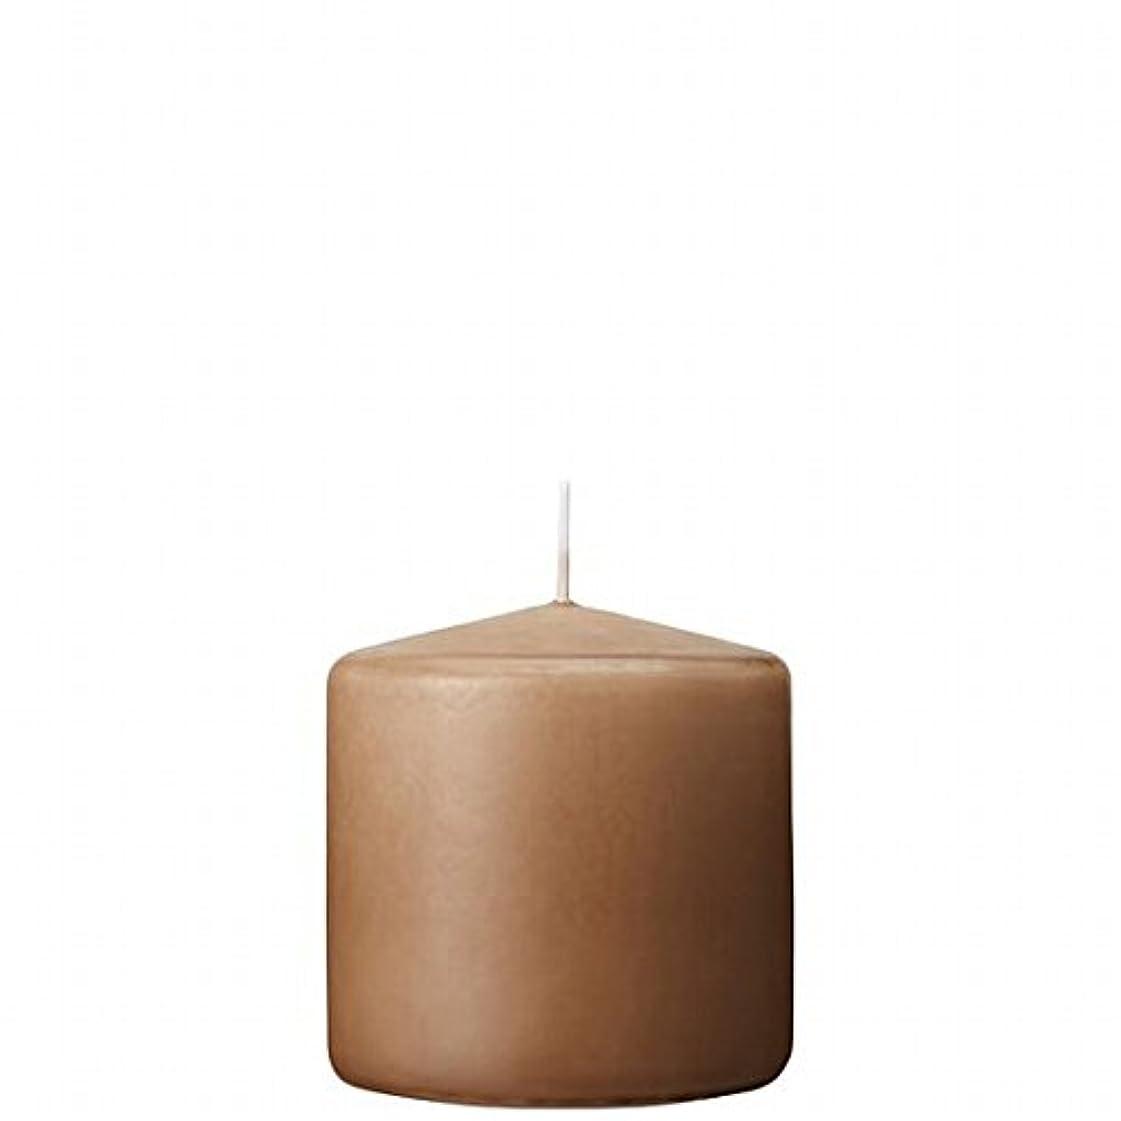 エンドウ詐欺変数カメヤマキャンドル( kameyama candle ) 3×3ベルトップピラーキャンドル 「 モカ 」